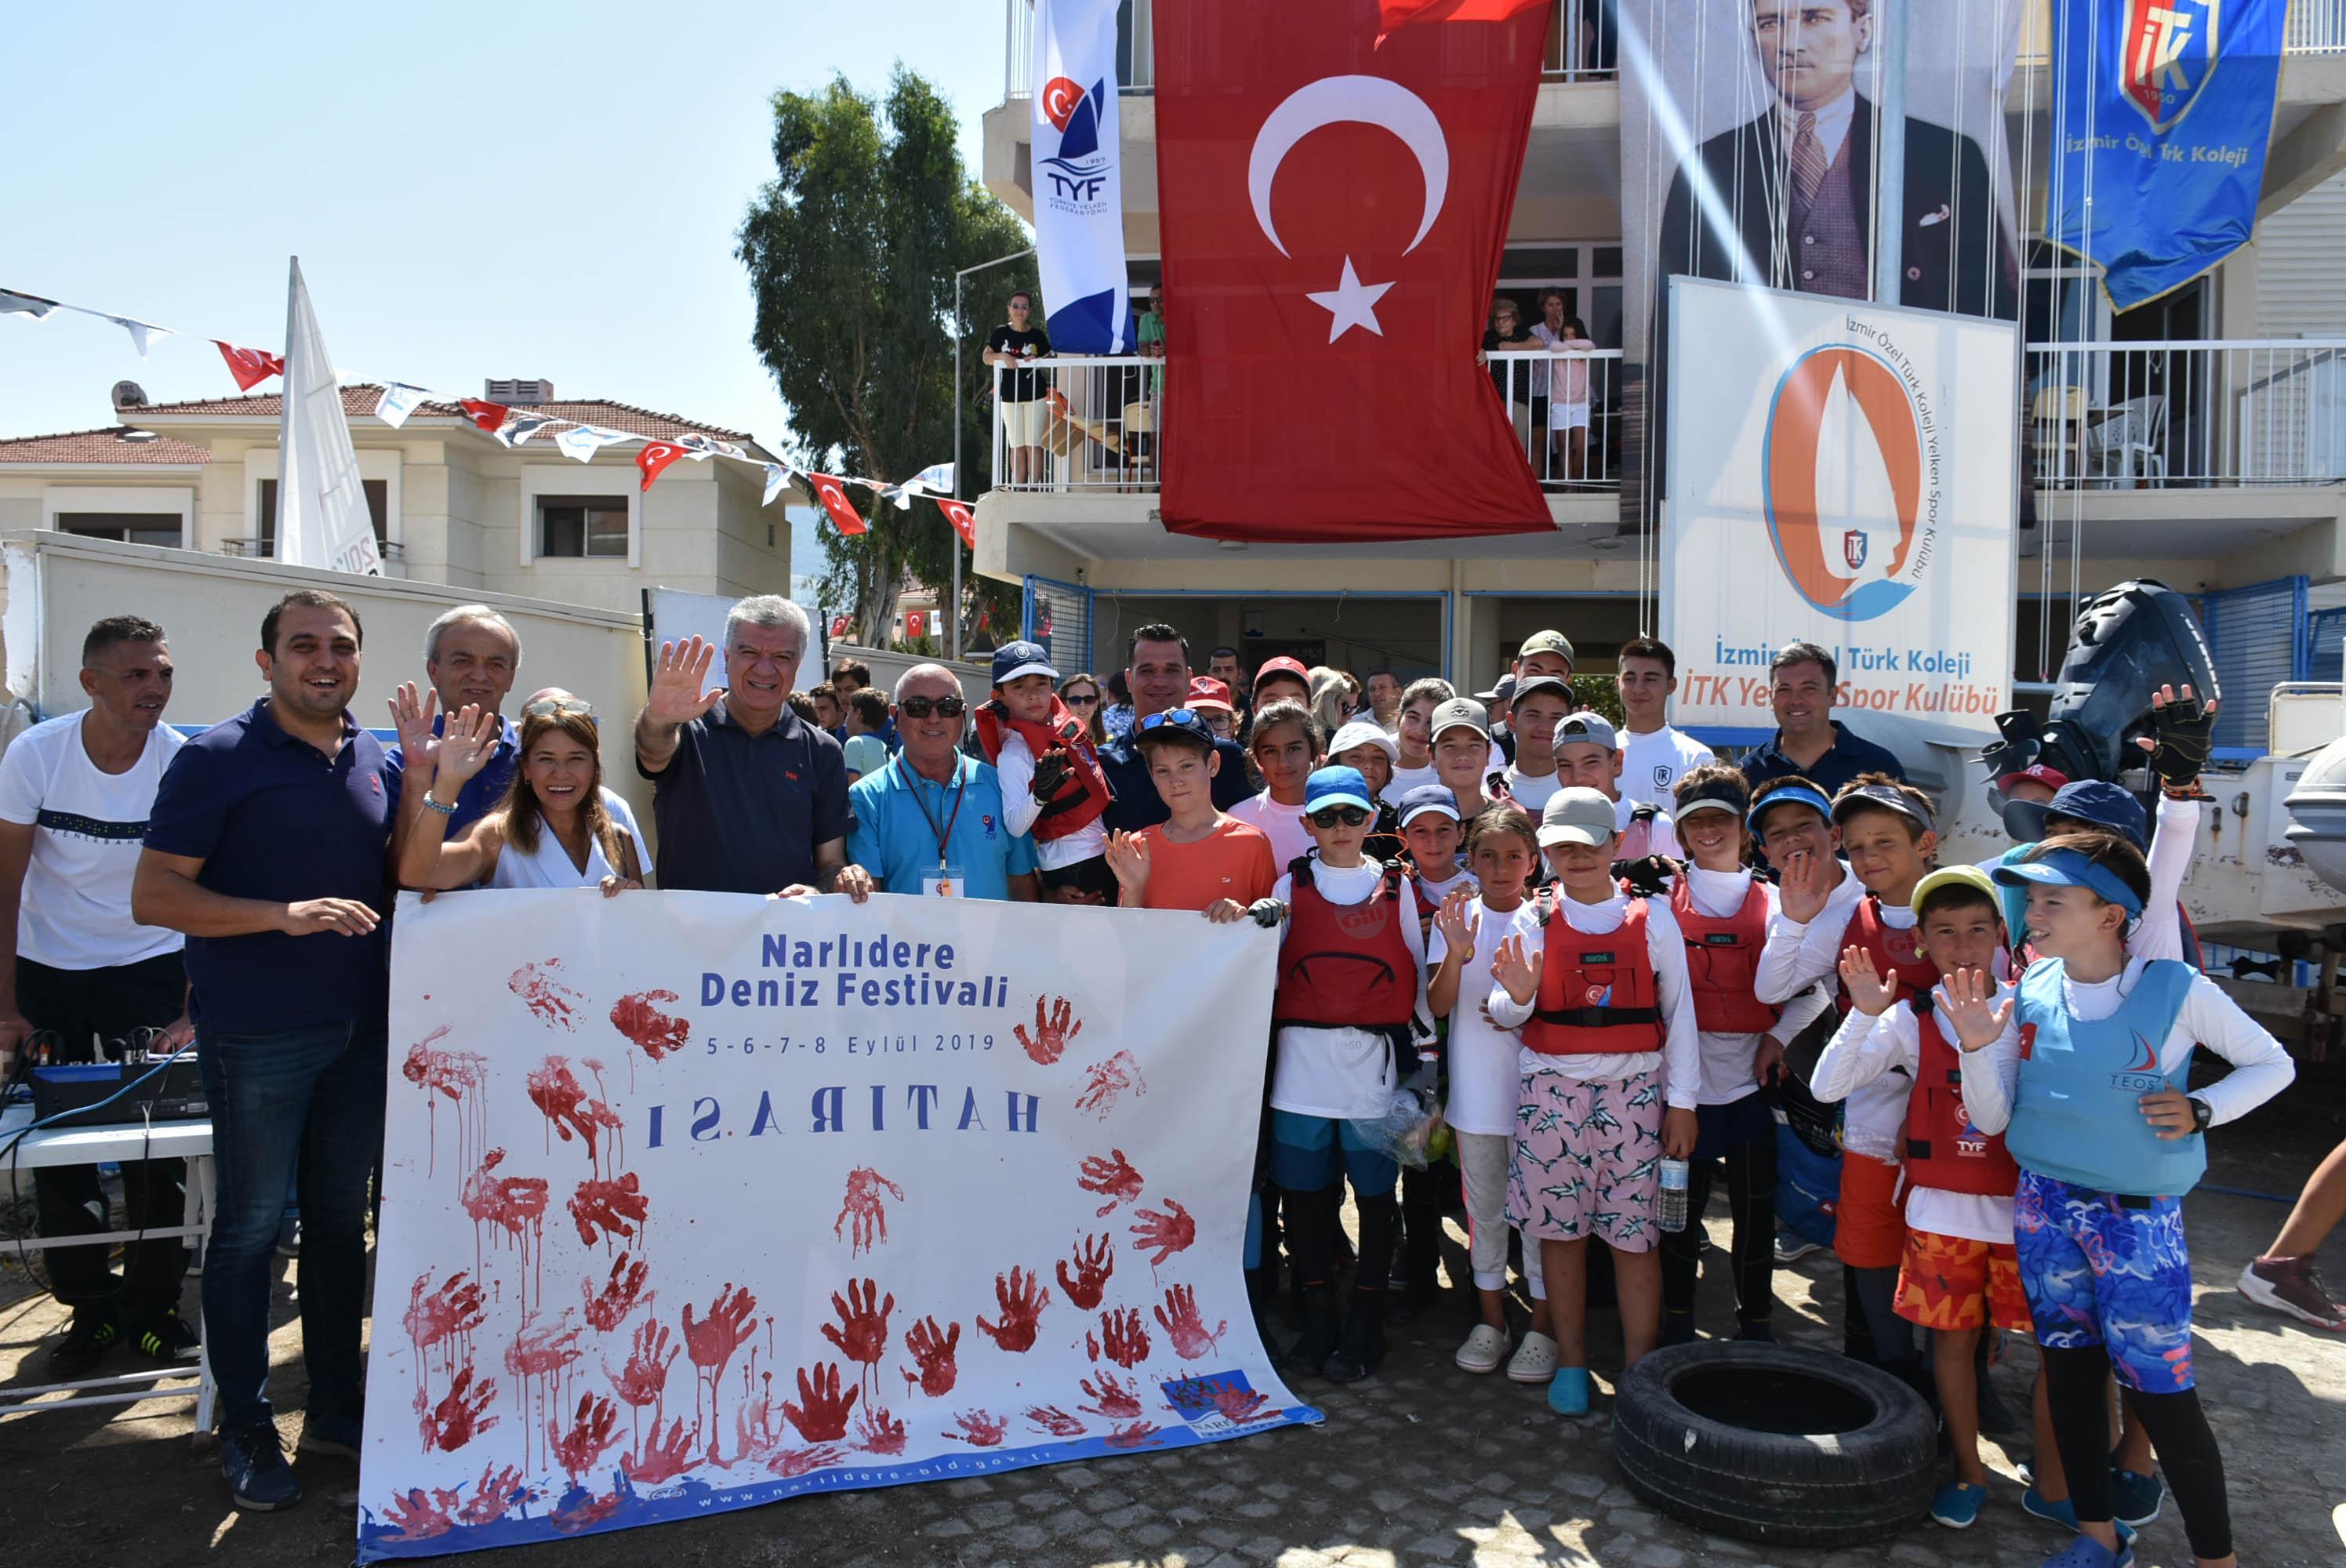 """Narlıdere'nin Deniz Festivali """"Kurtuluşa"""" yelken açacak! (2)"""